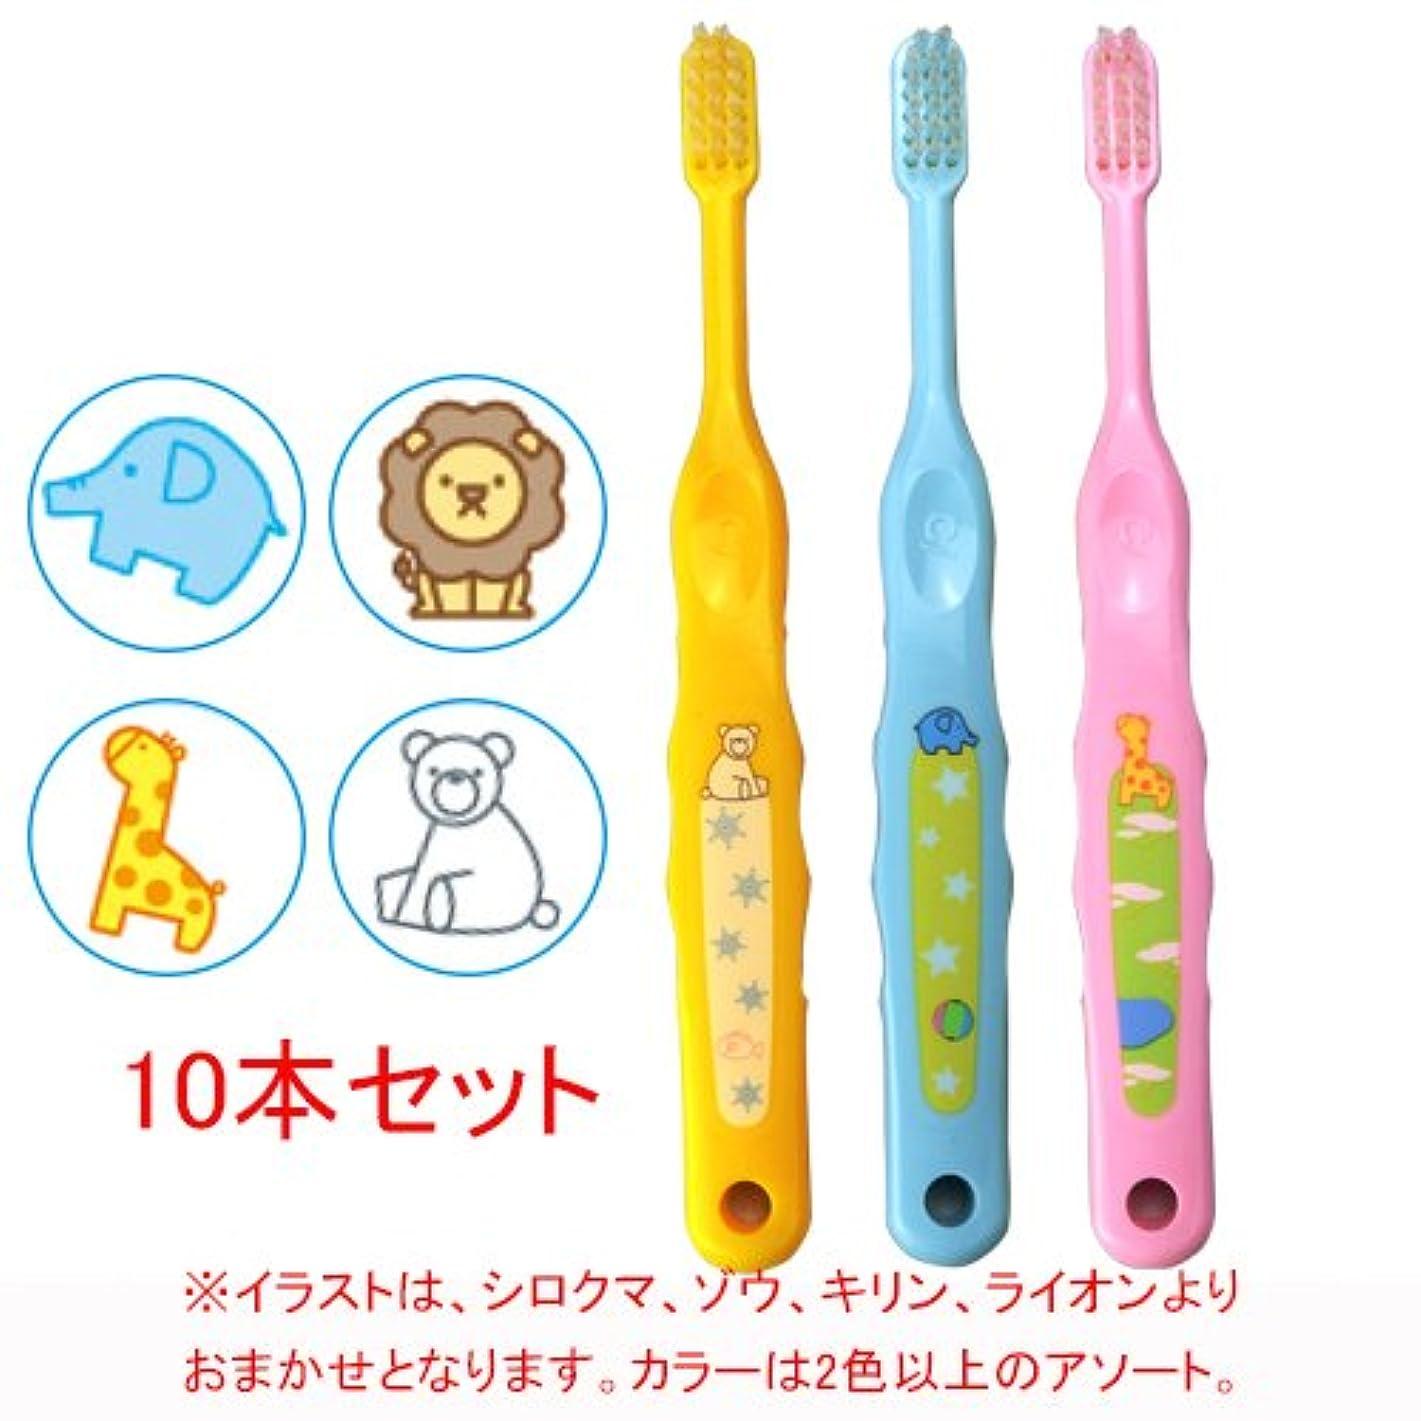 擬人化ばかげている潜むCiメディカル Ci なまえ歯ブラシ 503 (やわらかめ) (乳児~小学生向)10本